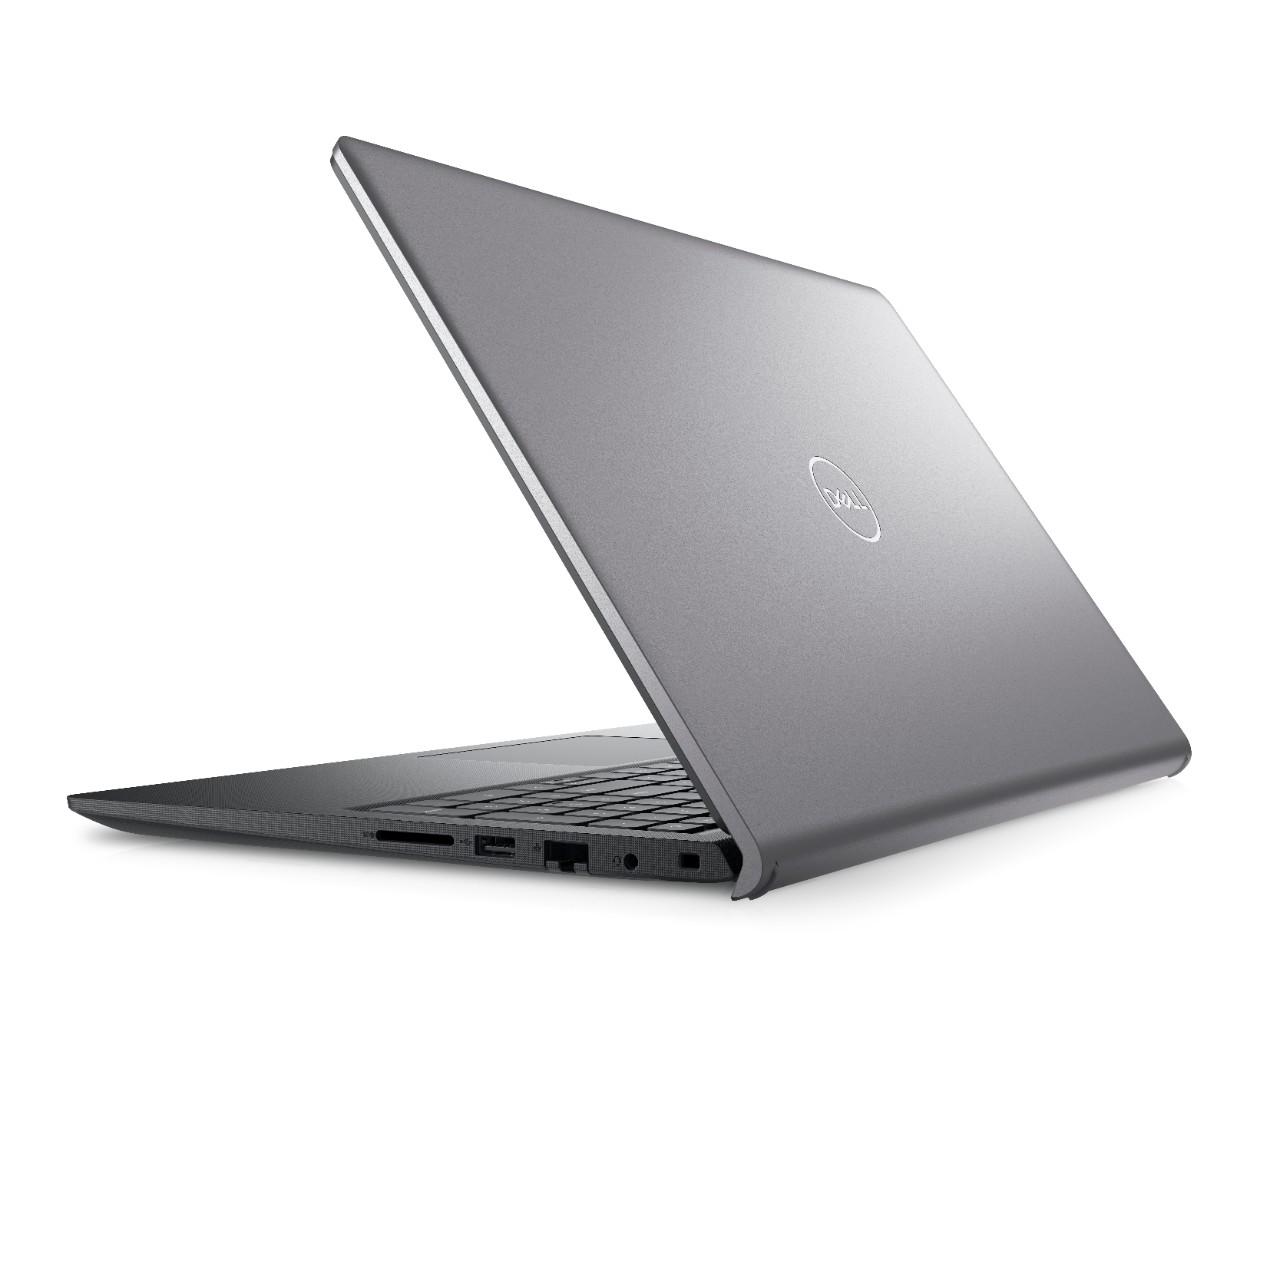 Dell Vostro 3515 15,6'' FHD AMD 3 3250U/8GB/256GB SSD/FPR/MCR/HDMI/W10Pro/3RNBD/Černý - H7WN8